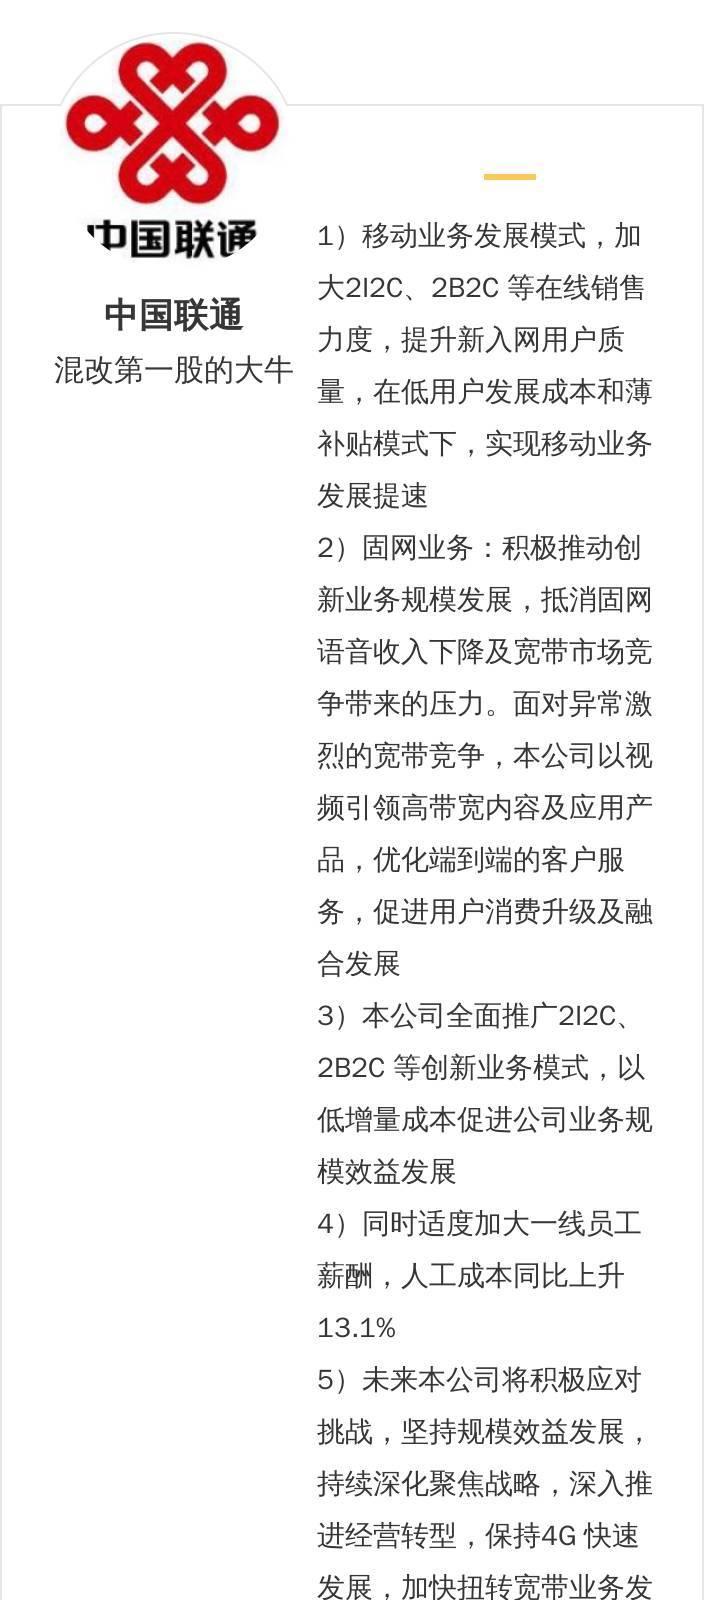 惠心亚态新四板成功挂牌 医疗资本市场迎来重大机遇